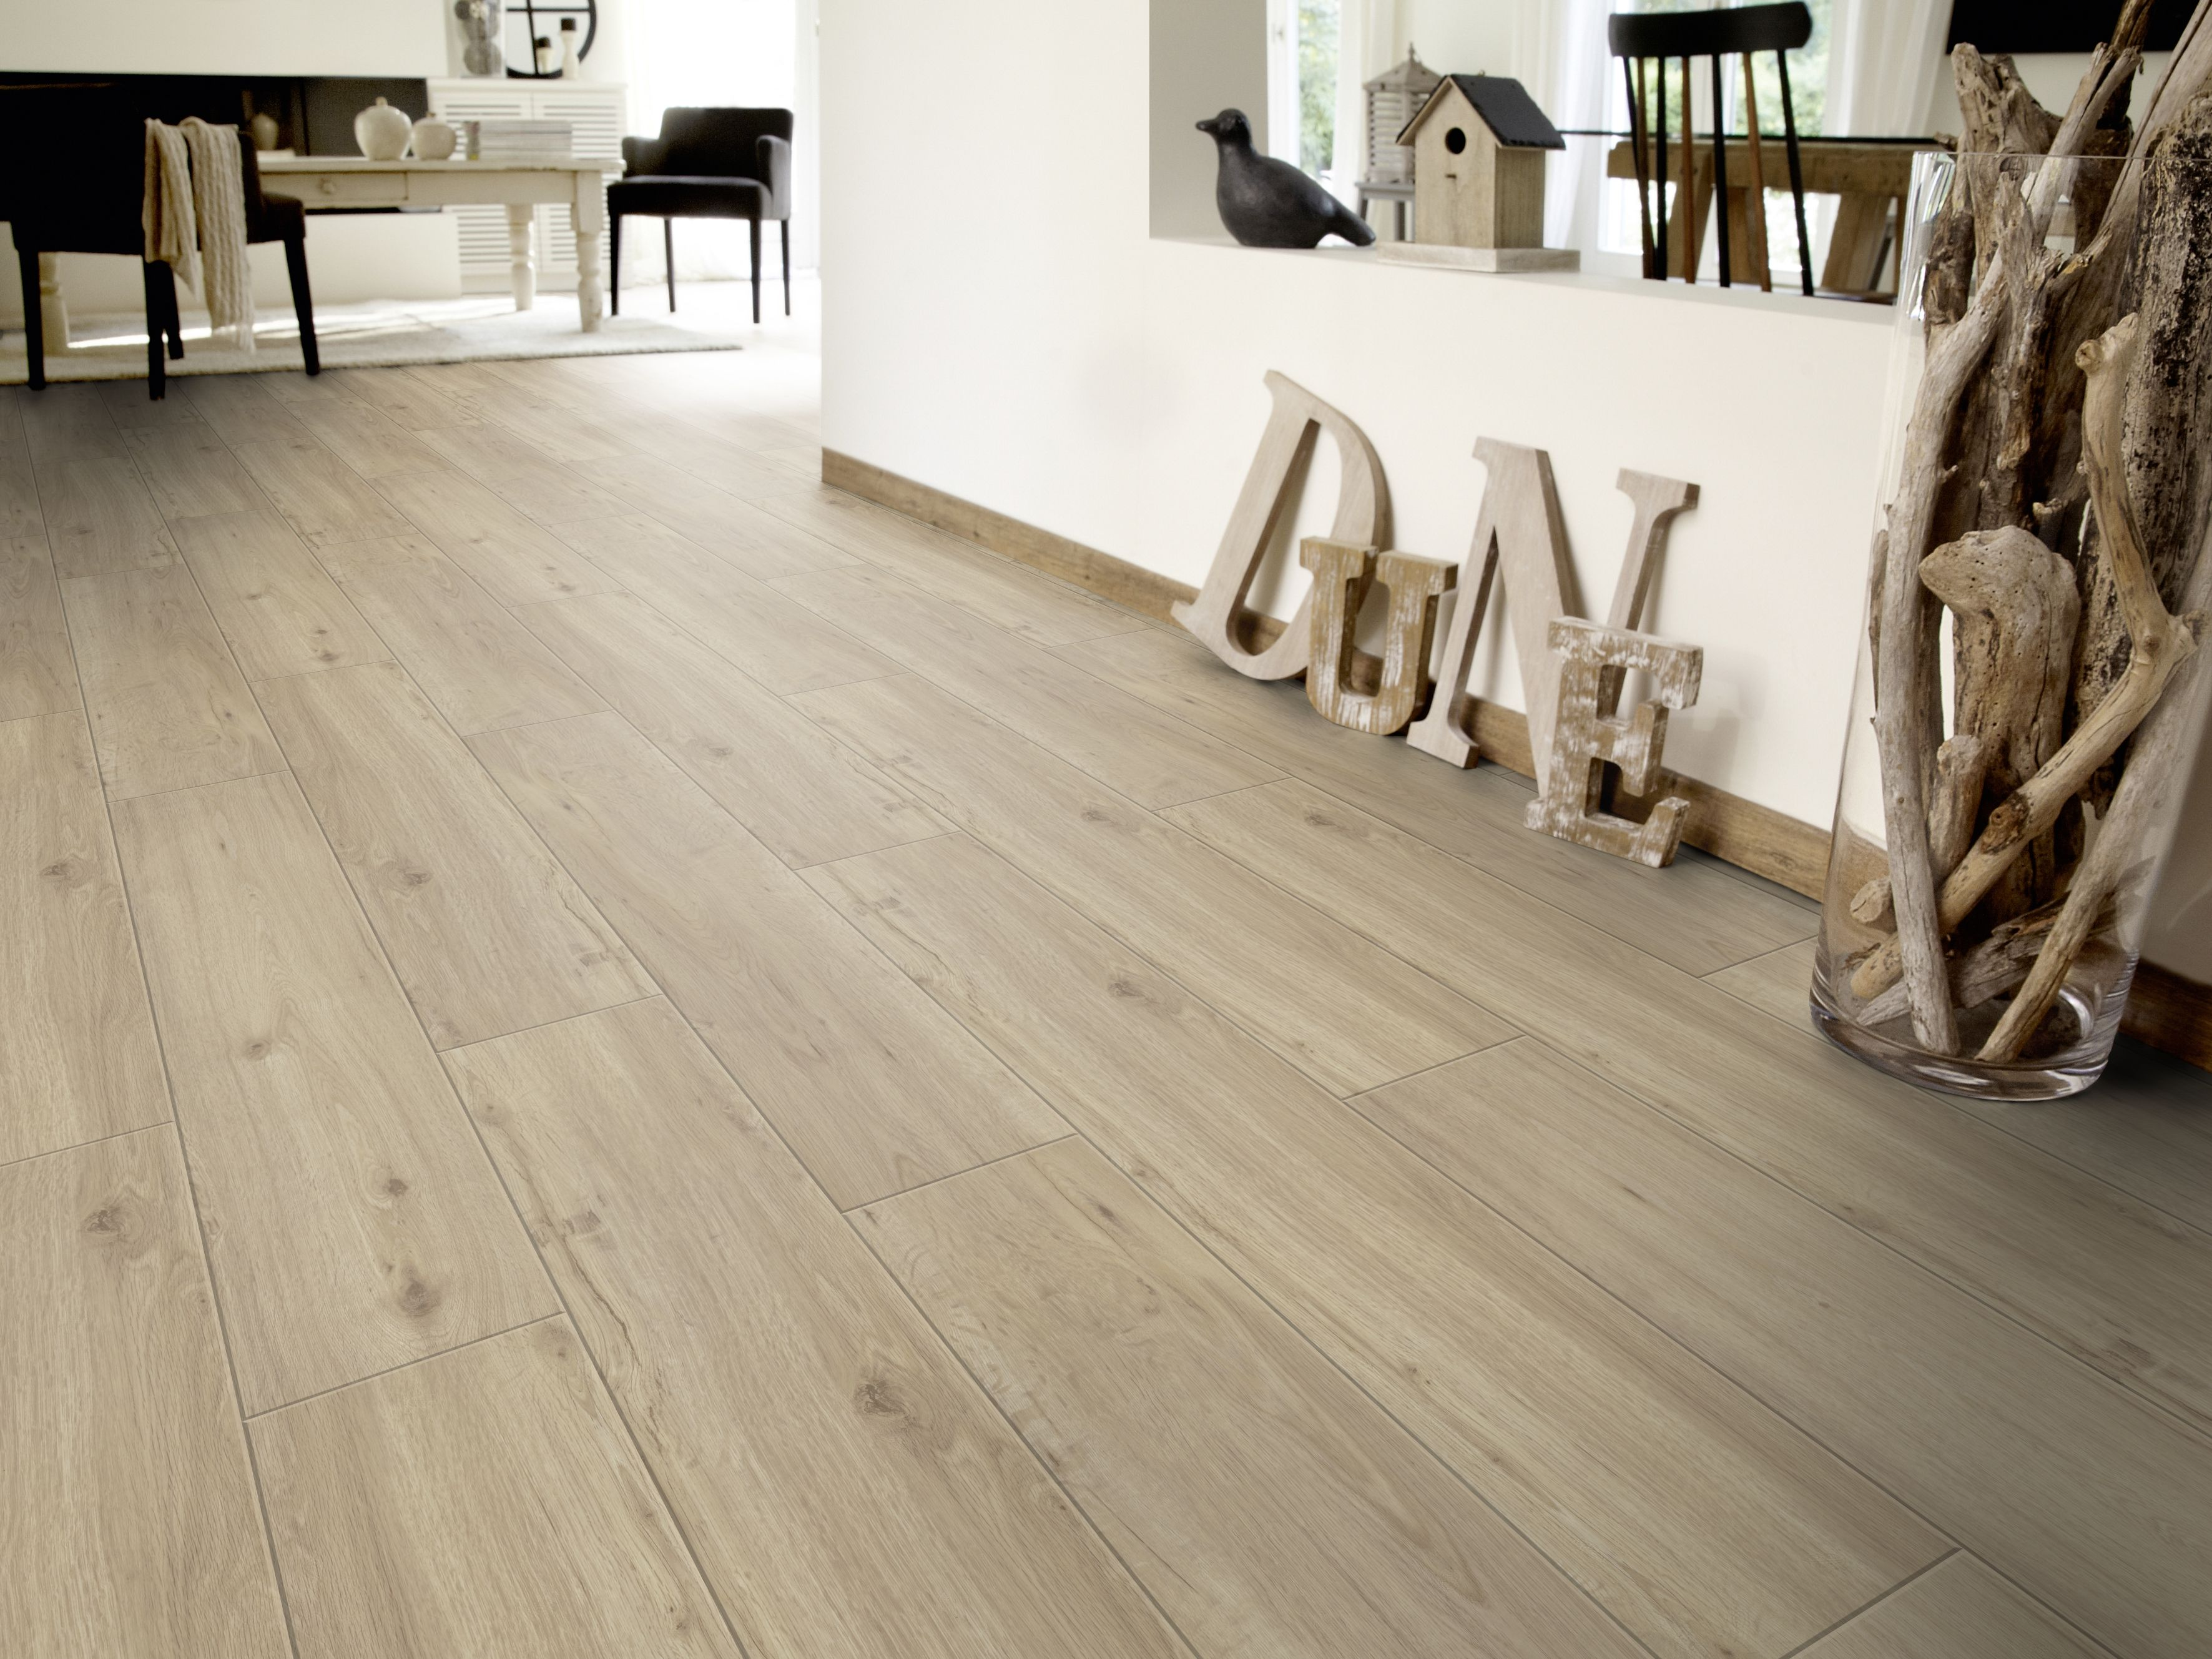 Tarkett occasions laminate flooring italian walnut floor for Tarkett flooring canada